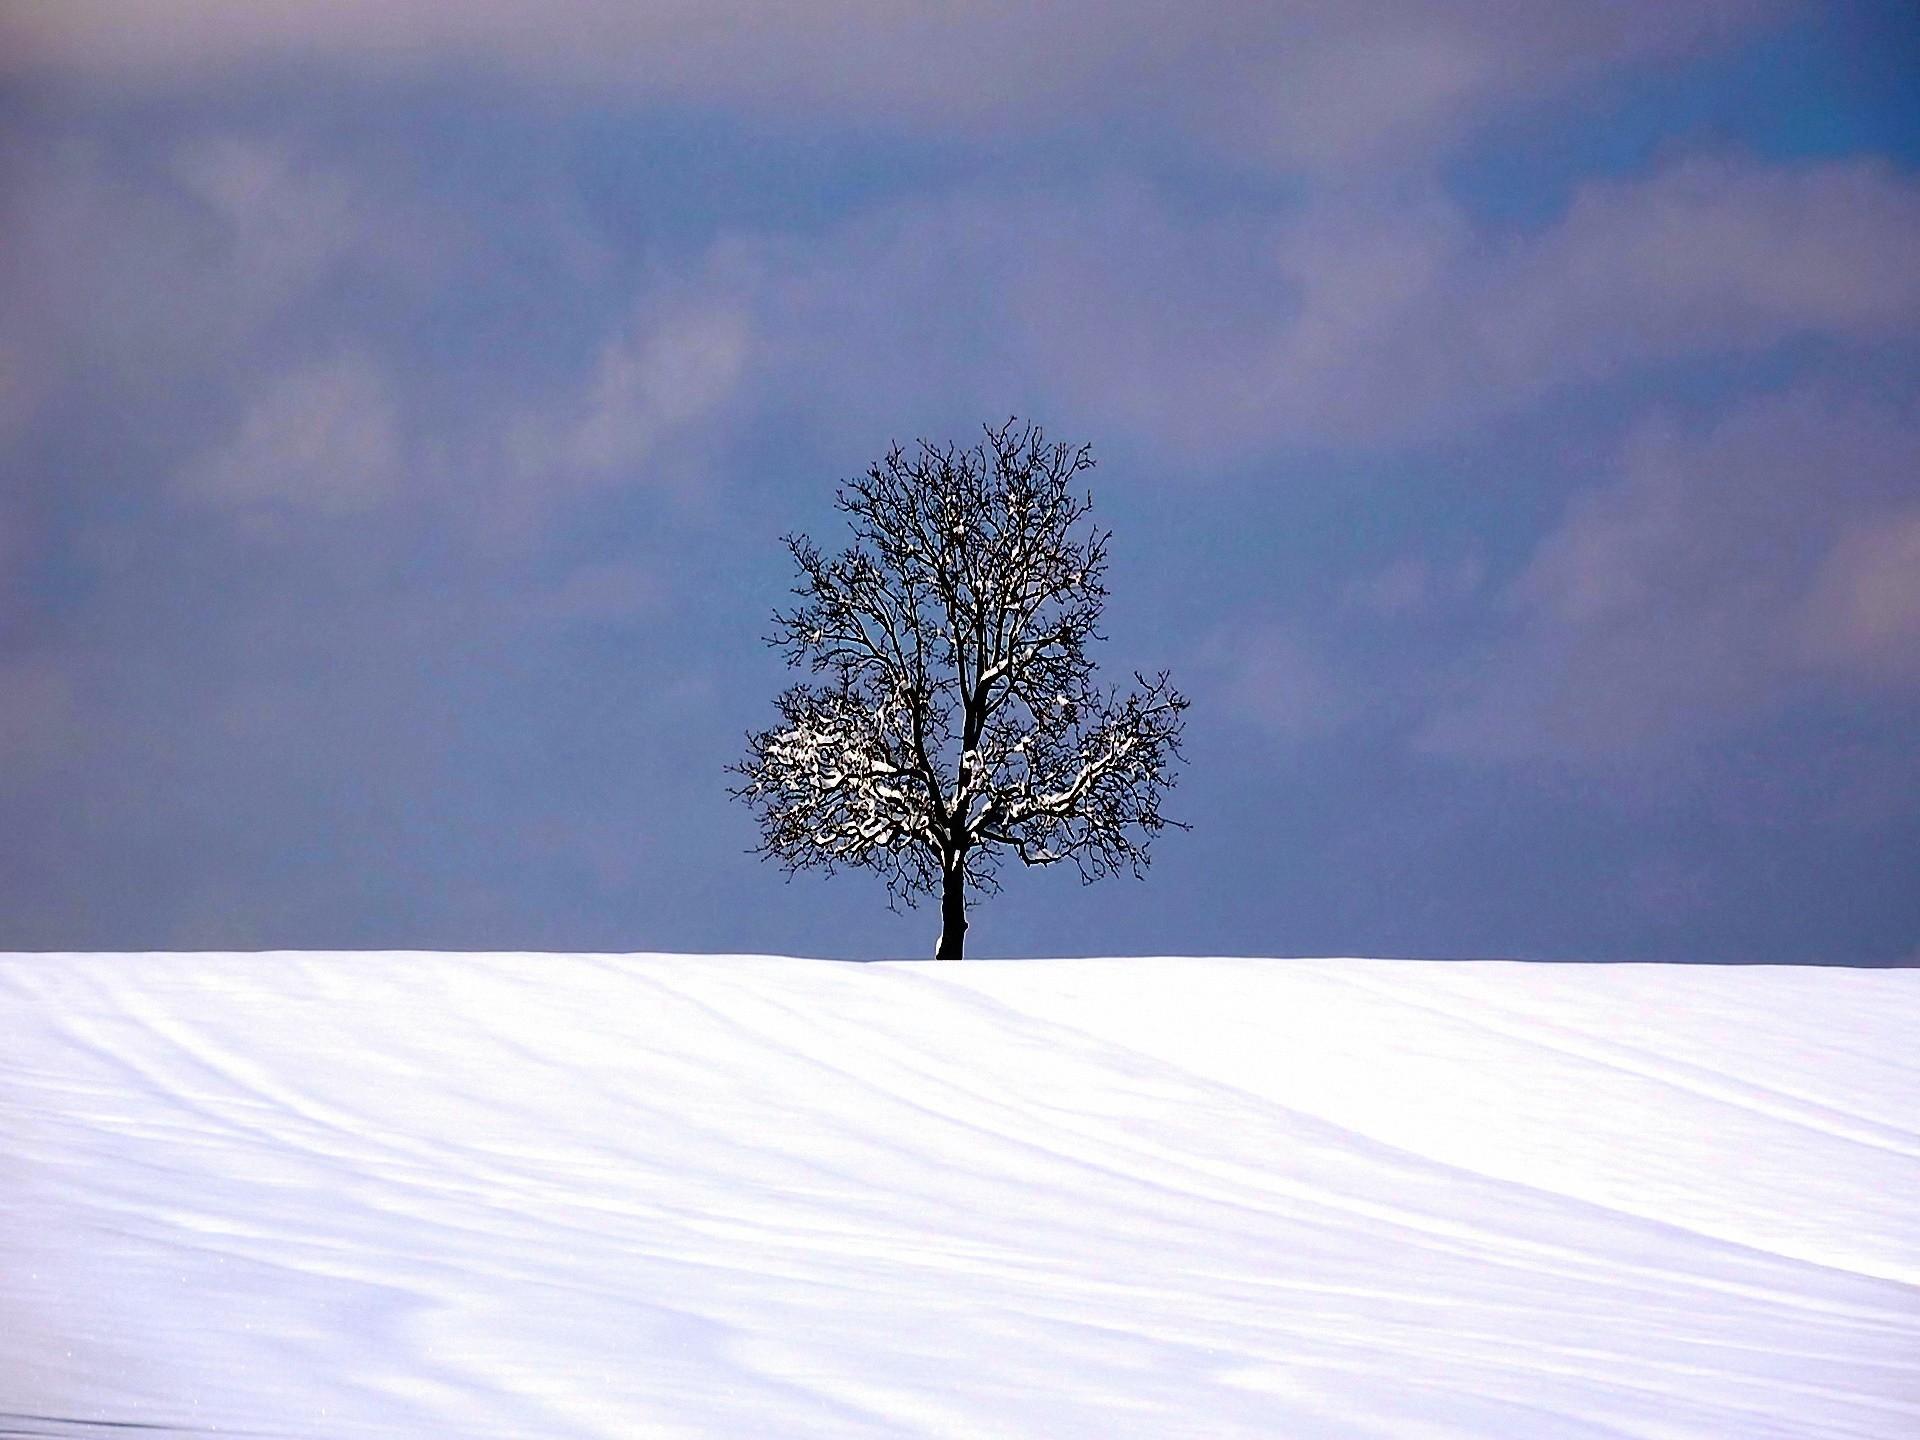 ши-на картинка дерево зимой без снега как-то ненавязчиво